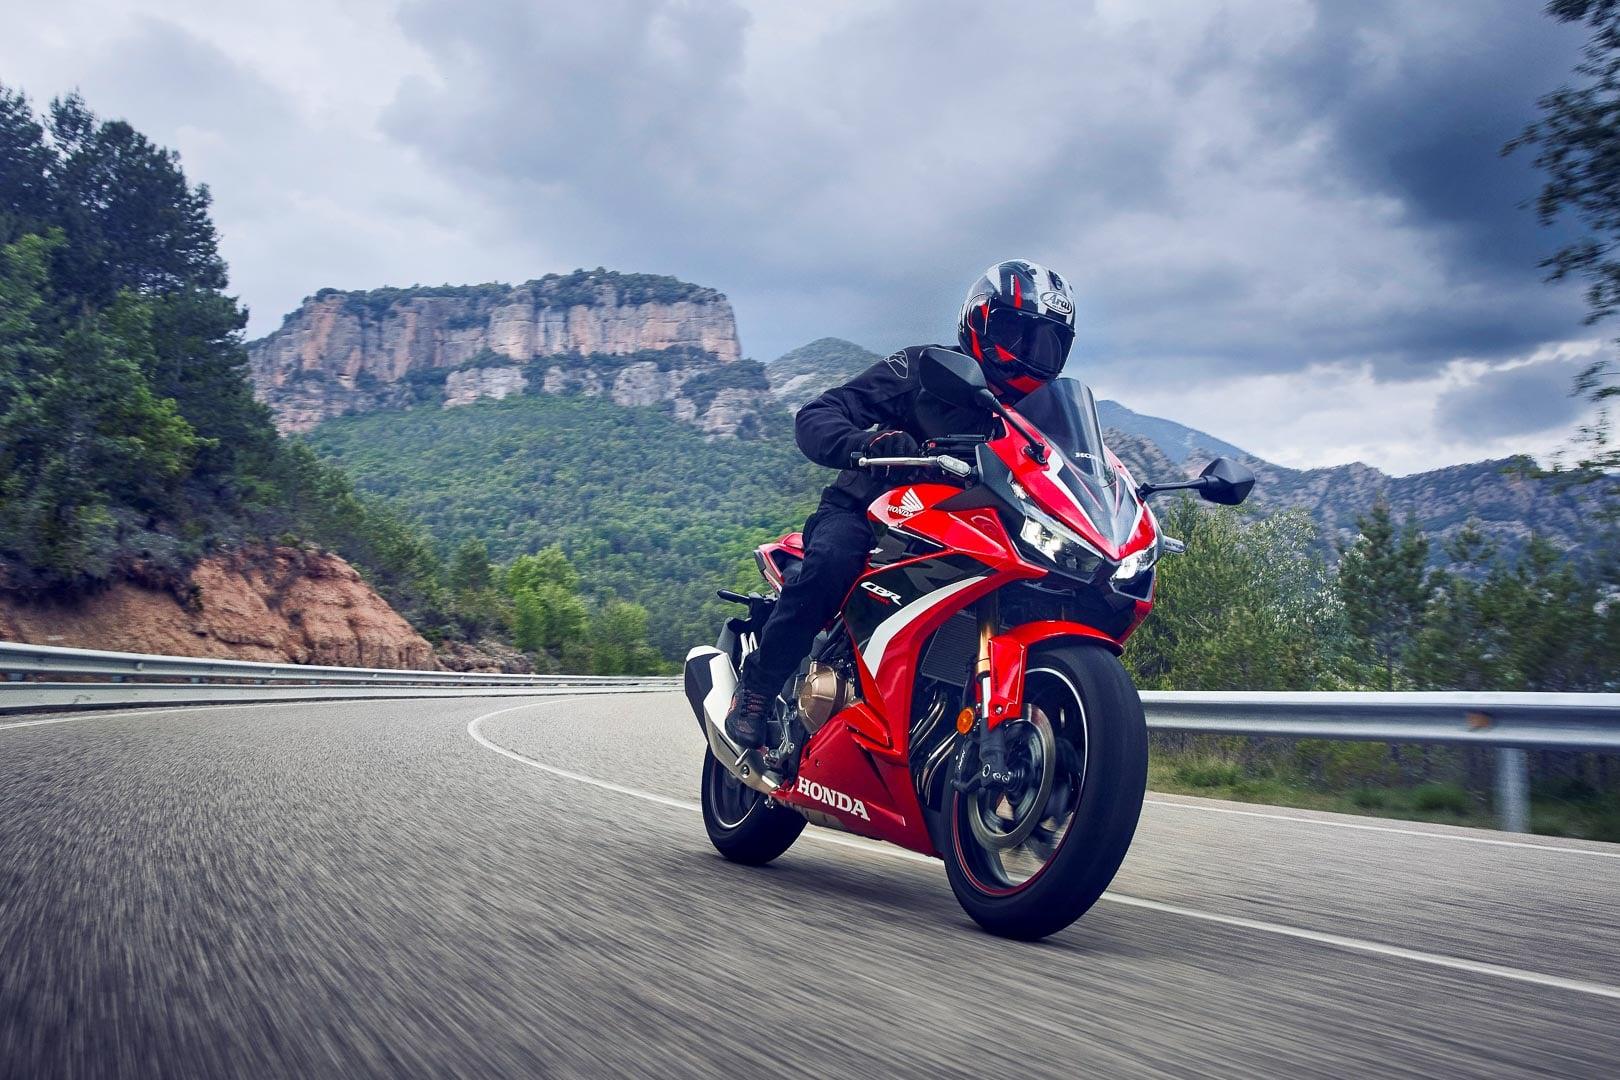 Bộ 3 xe mô tô phân khối lớn 500cc của Honda thêm loạt nâng cấp Honda CBR500R 2022.jpg